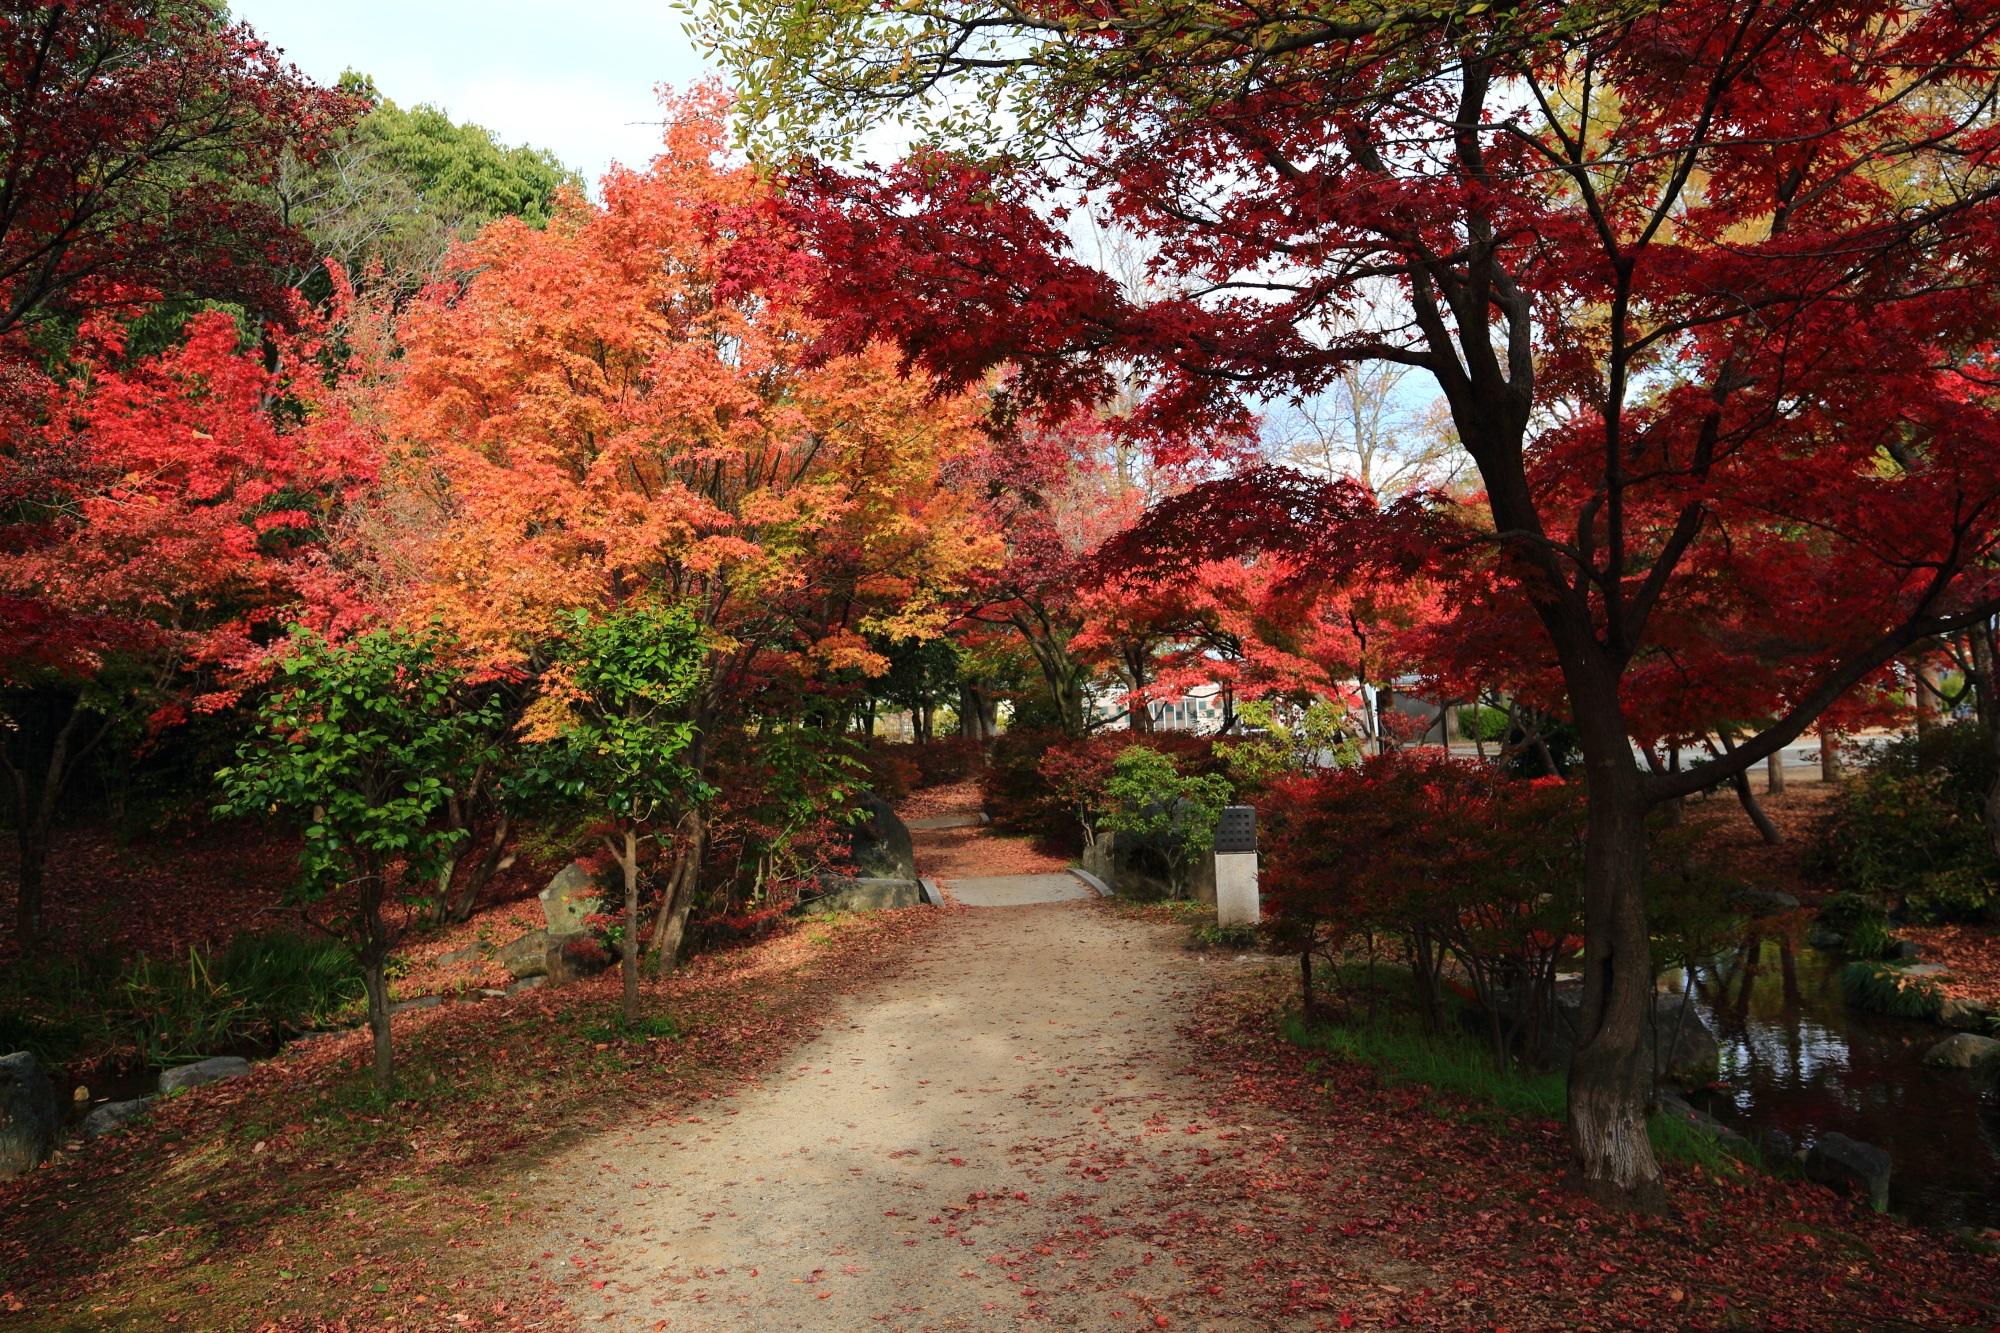 京都の憩いの場の梅小路公園の綺麗な見ごろの紅葉